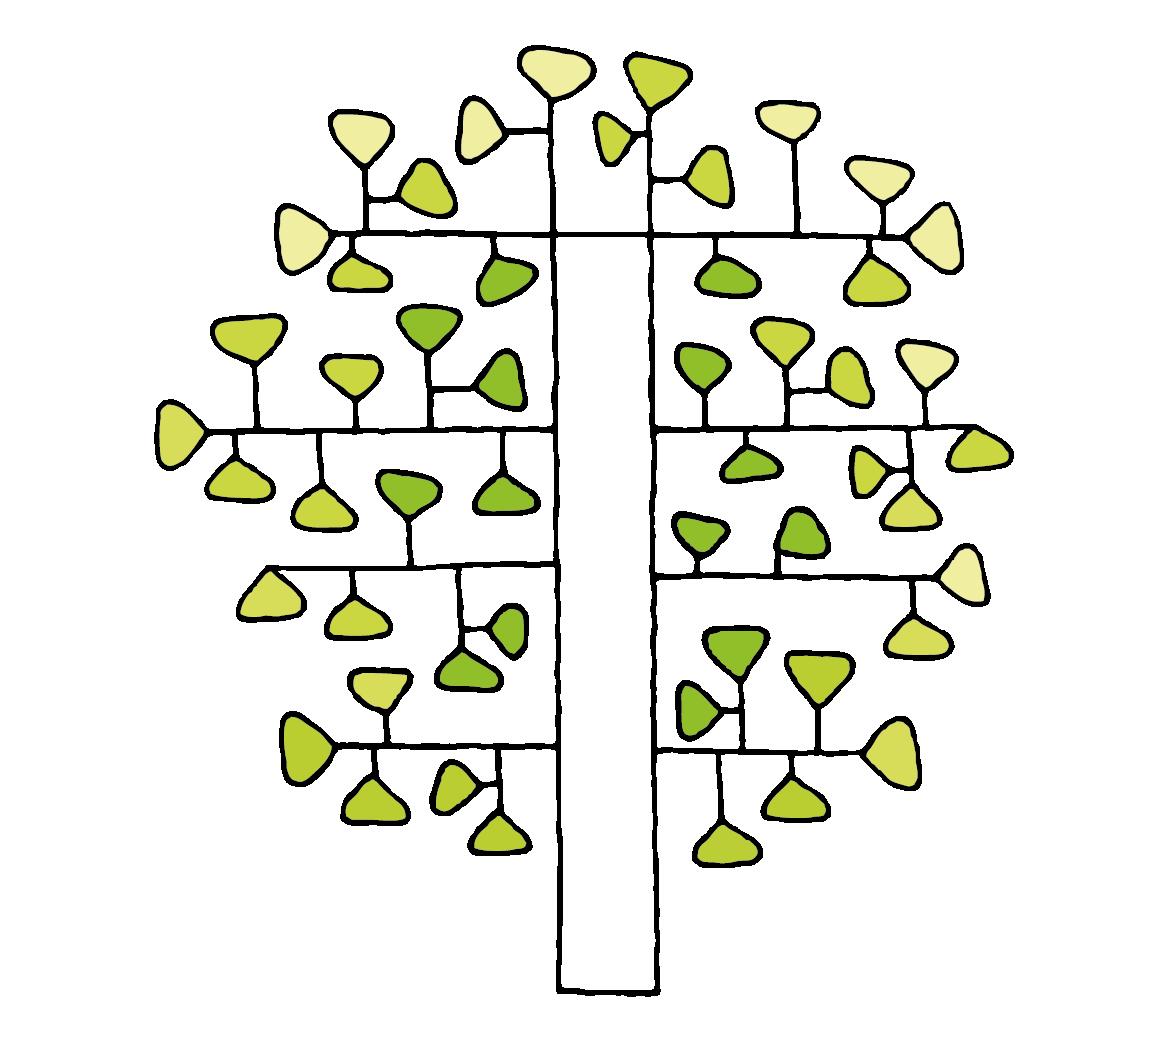 skupnost_vrtcev_slovenije_logo-znak-01